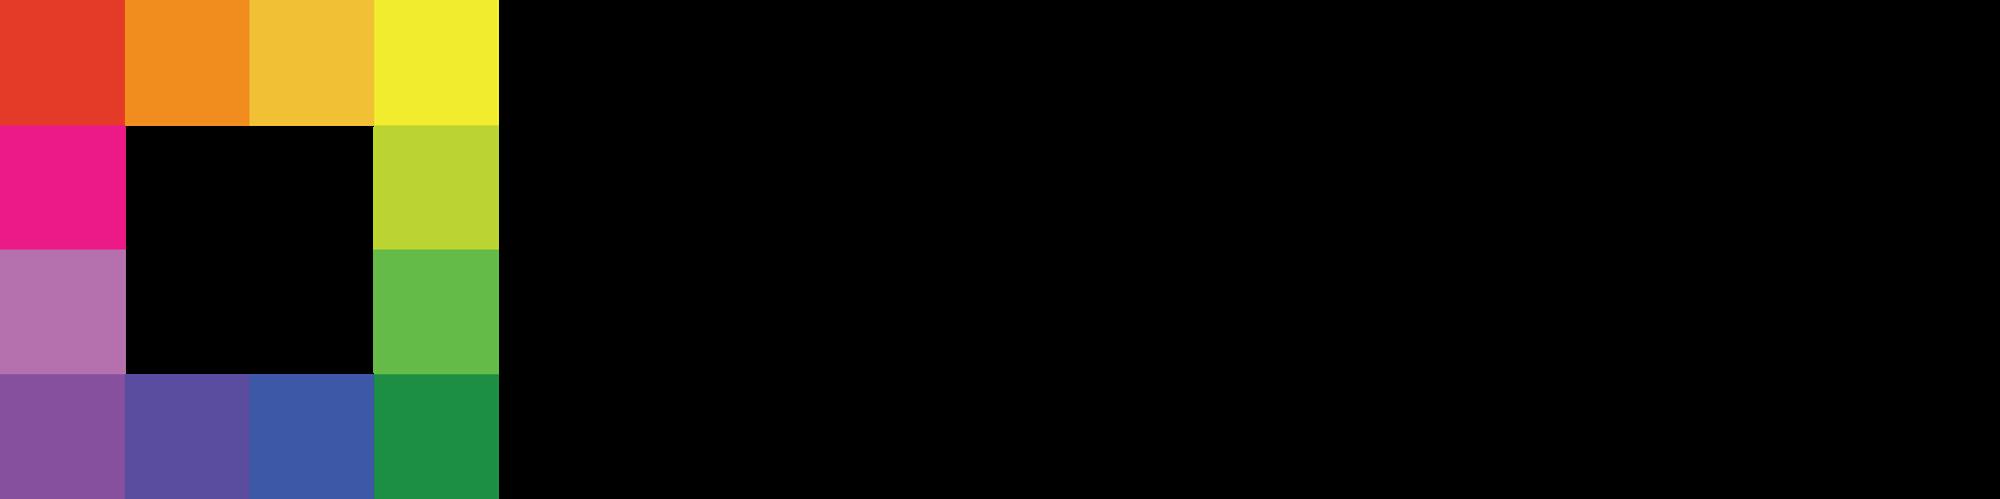 File:Solo-Willax-fondo-blanco-300x99-1-.png